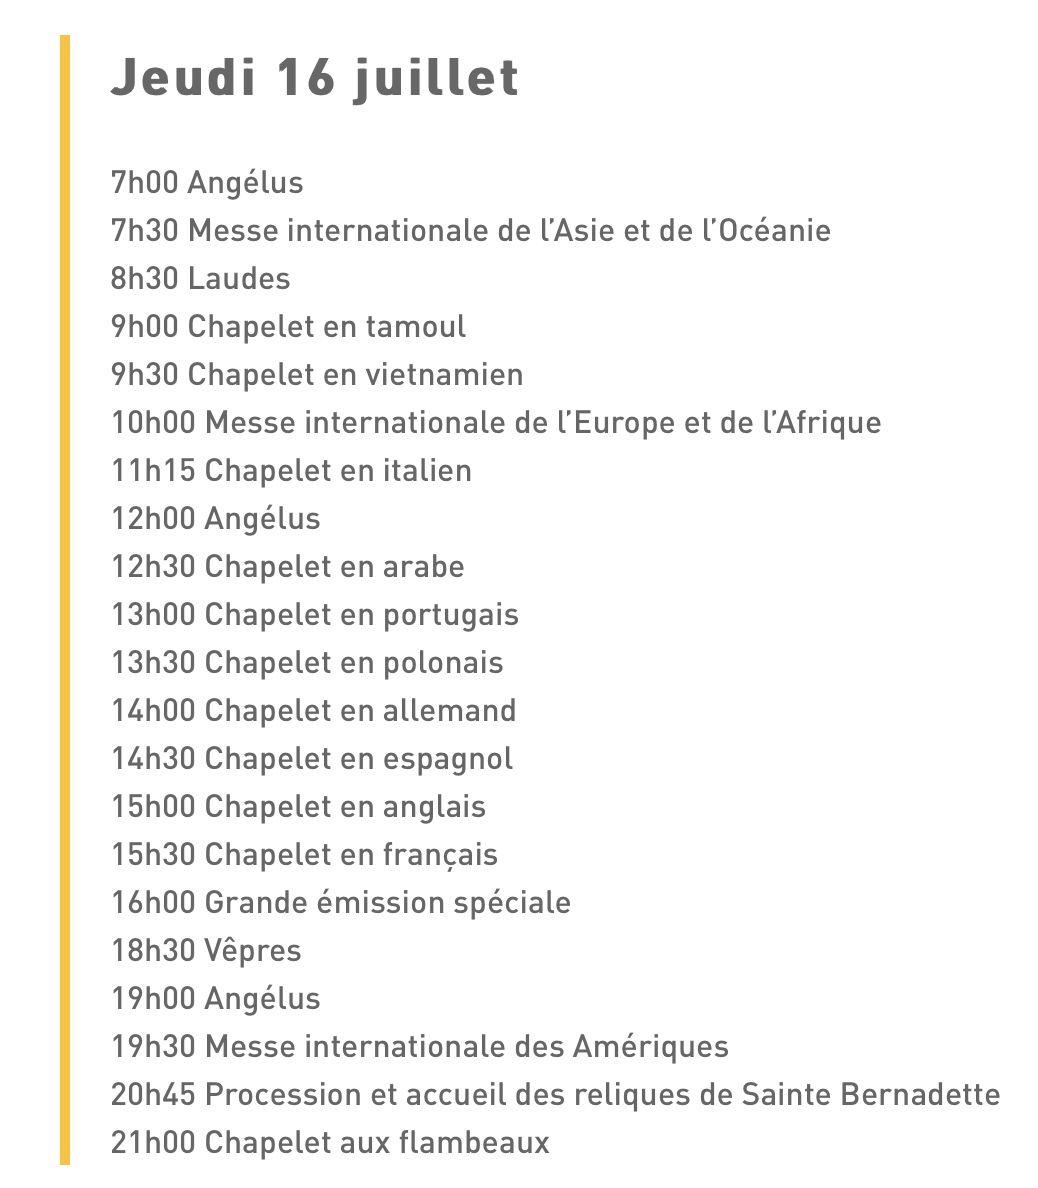 NOTRE SITE EN PÈLERINAGE À LOURDES LE 16 JUILLET